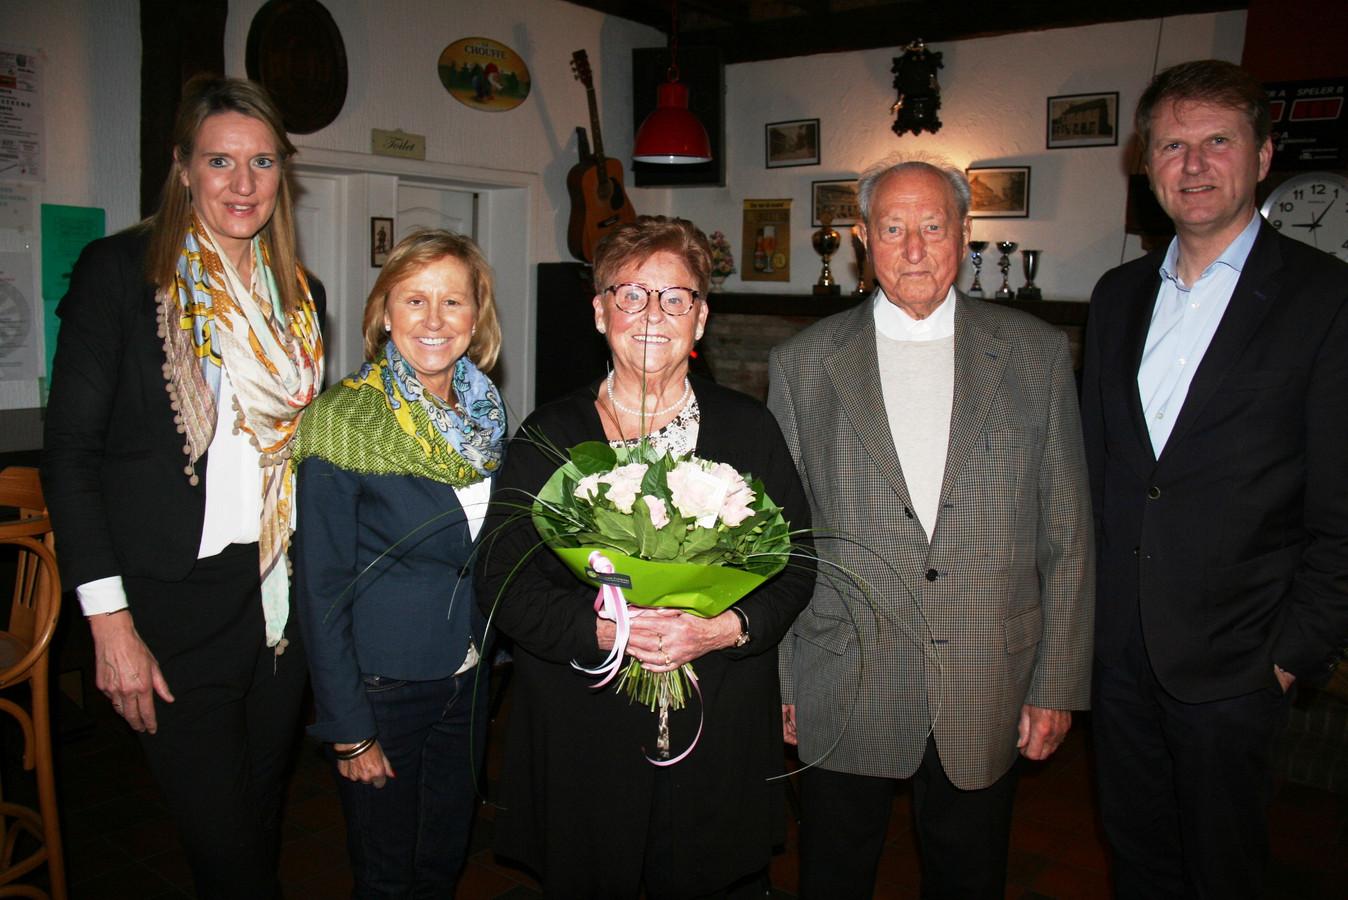 Mim Van Oirschot (82) en Bert Voorbraak (86) hebben hun zestigste huwelijksverjaardag gevierd.